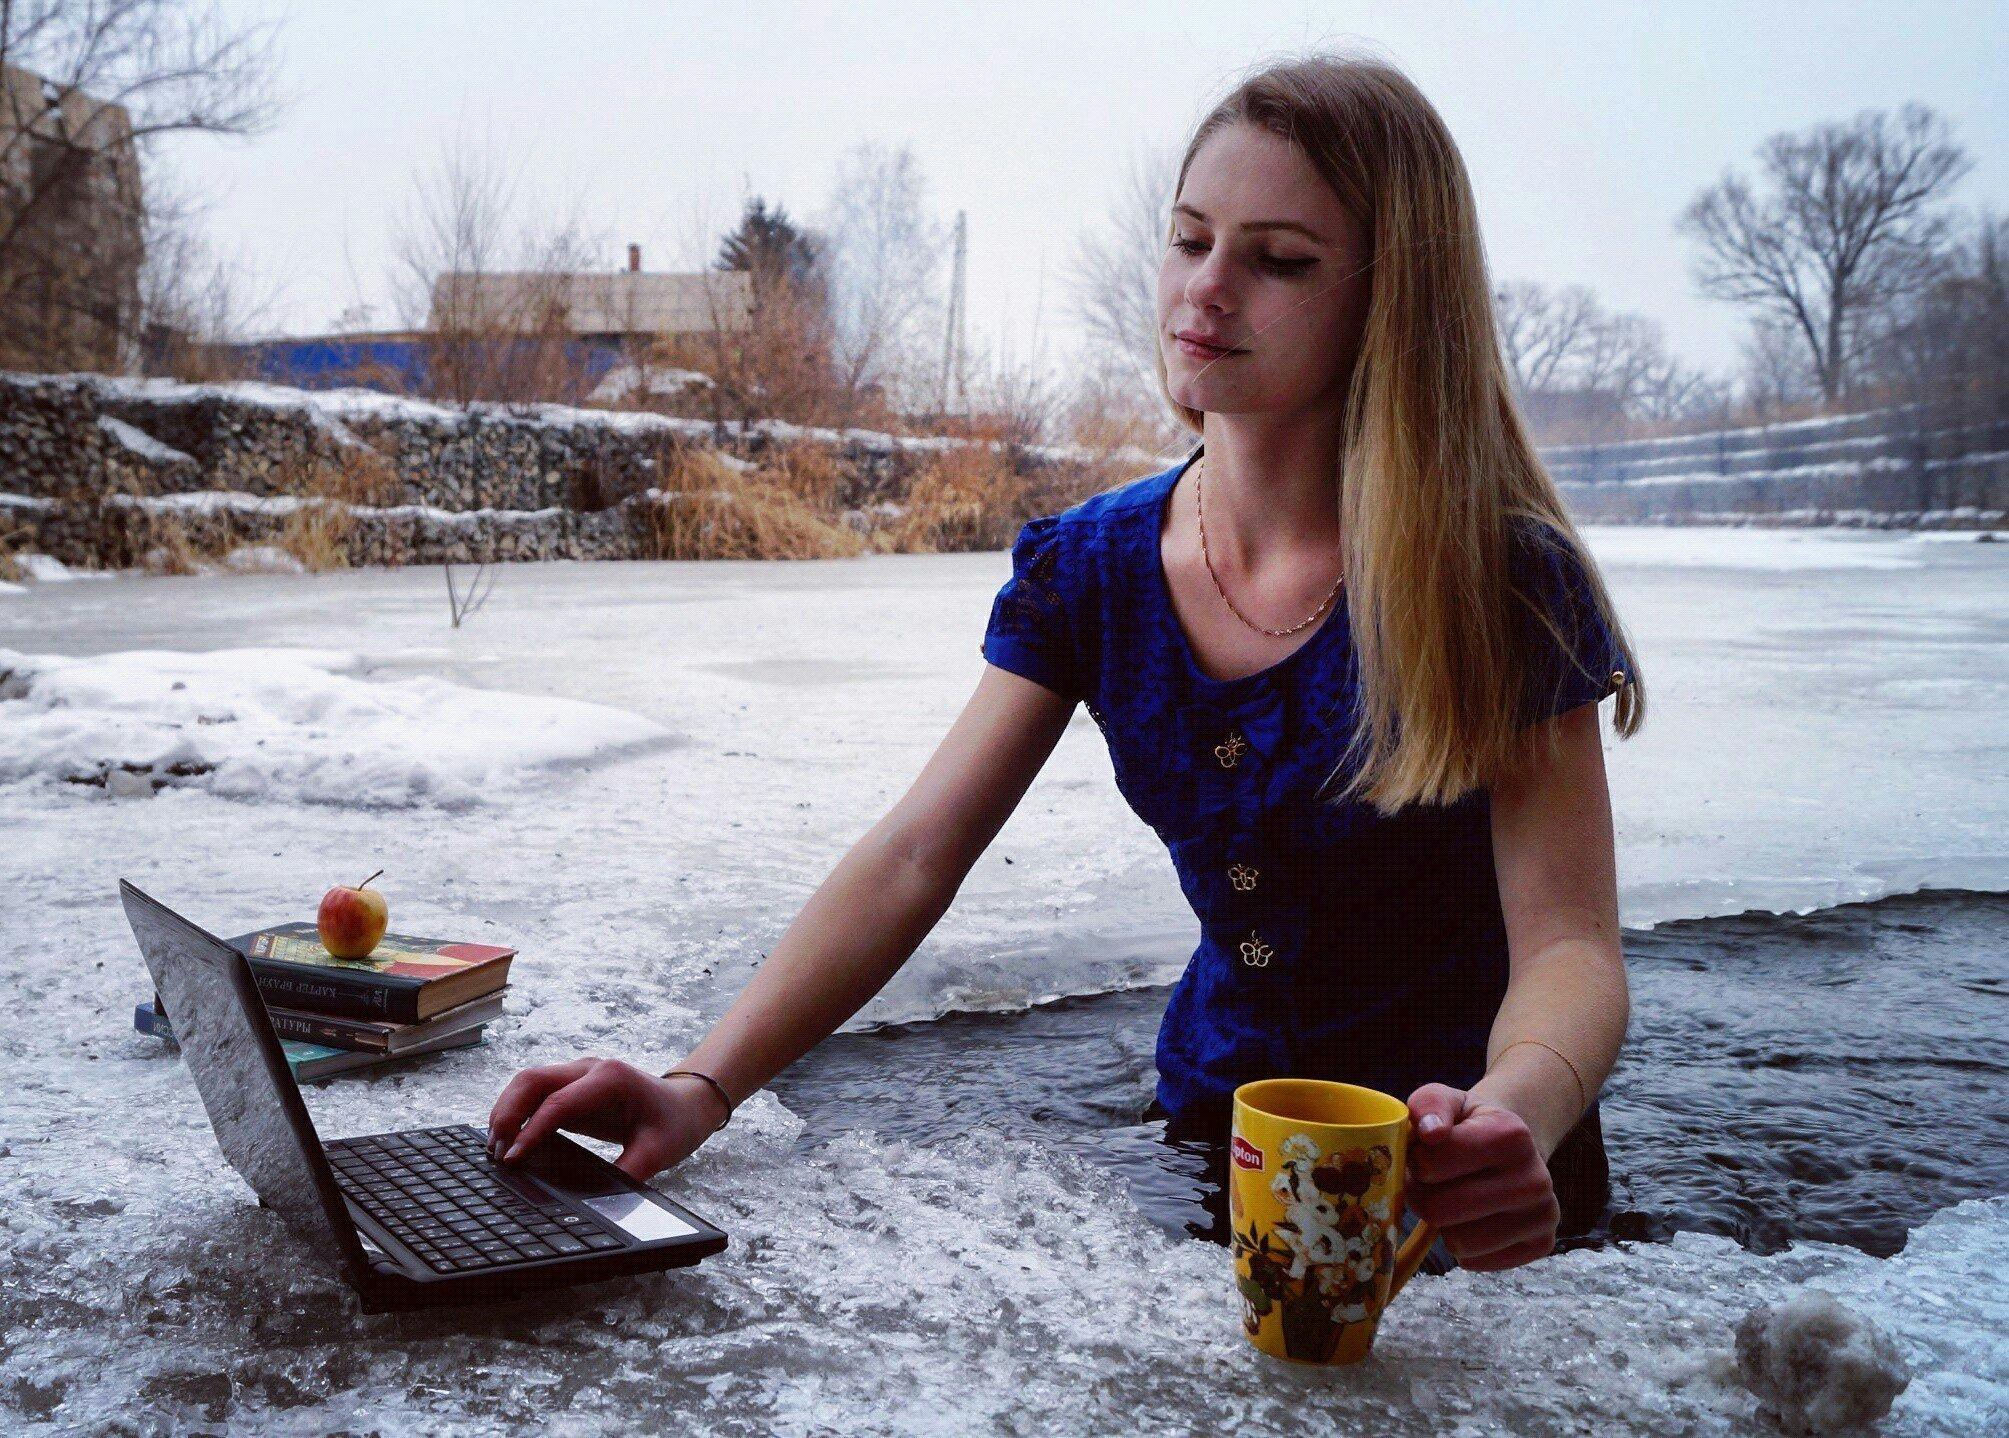 russkie-foto-zhenshin-s-otdiha-smotret-eksperimenti-nad-zhenshinami-v-gestapo